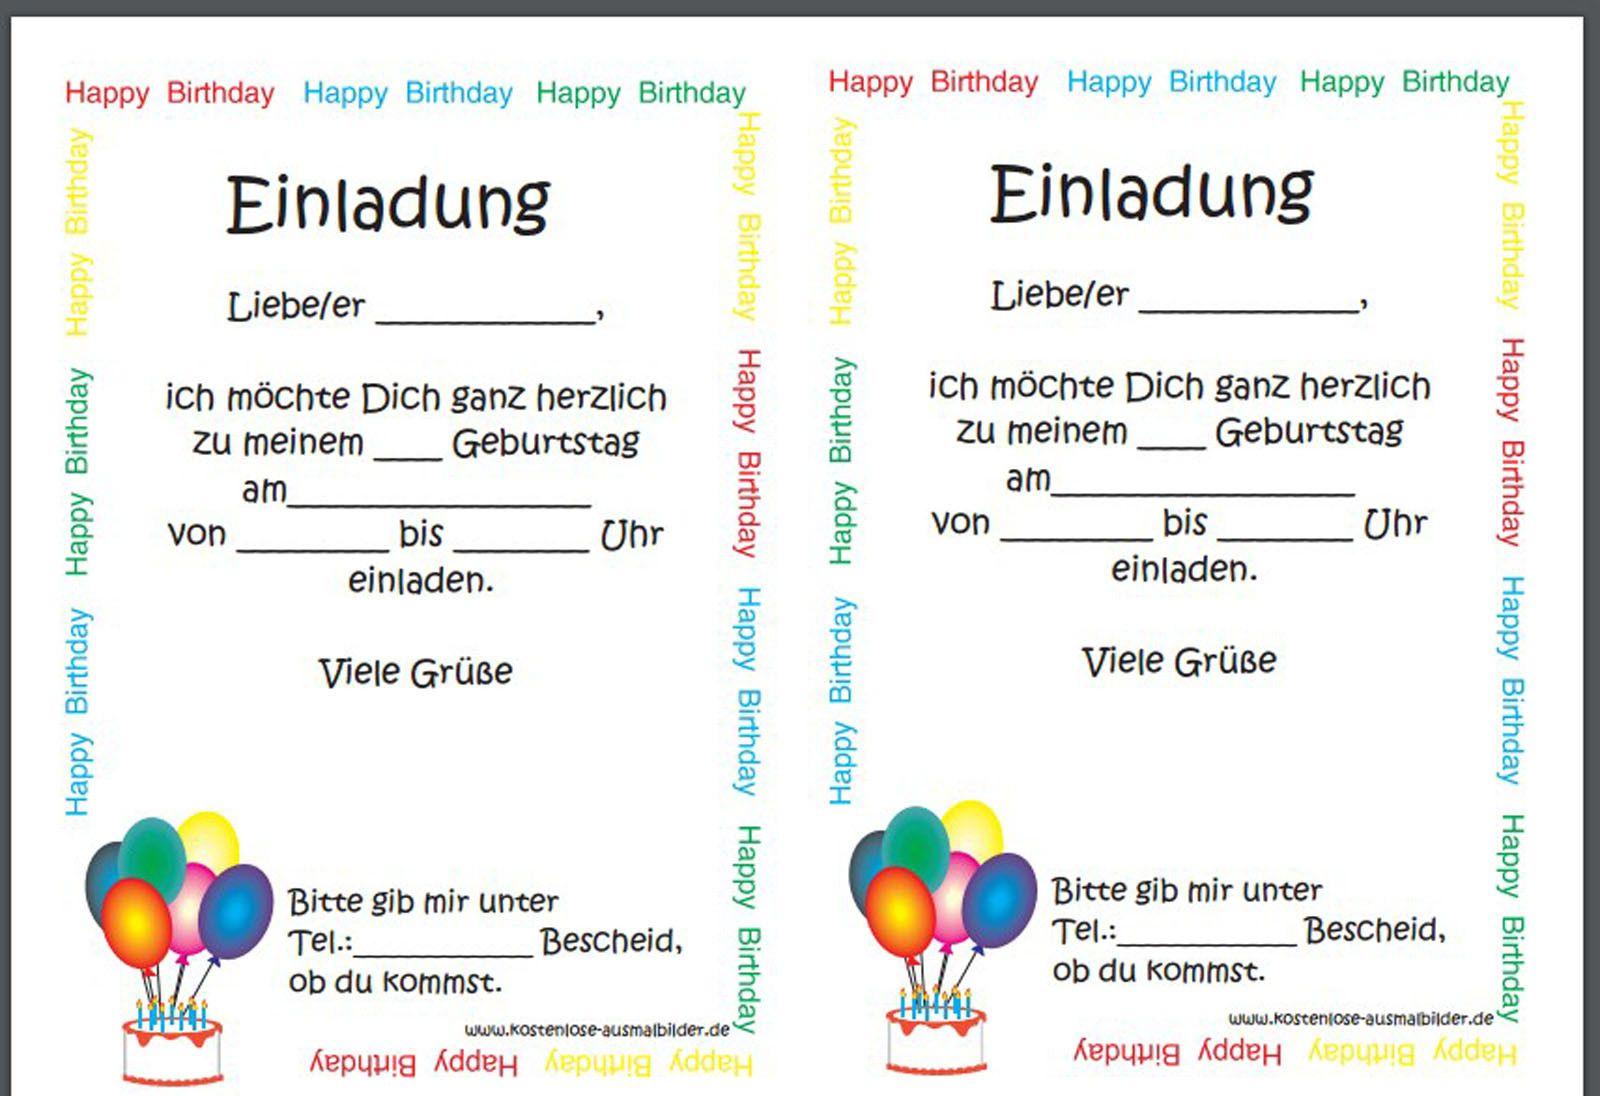 Einladung Geburtstag Kostenlos Einladungen Geburtstag Den